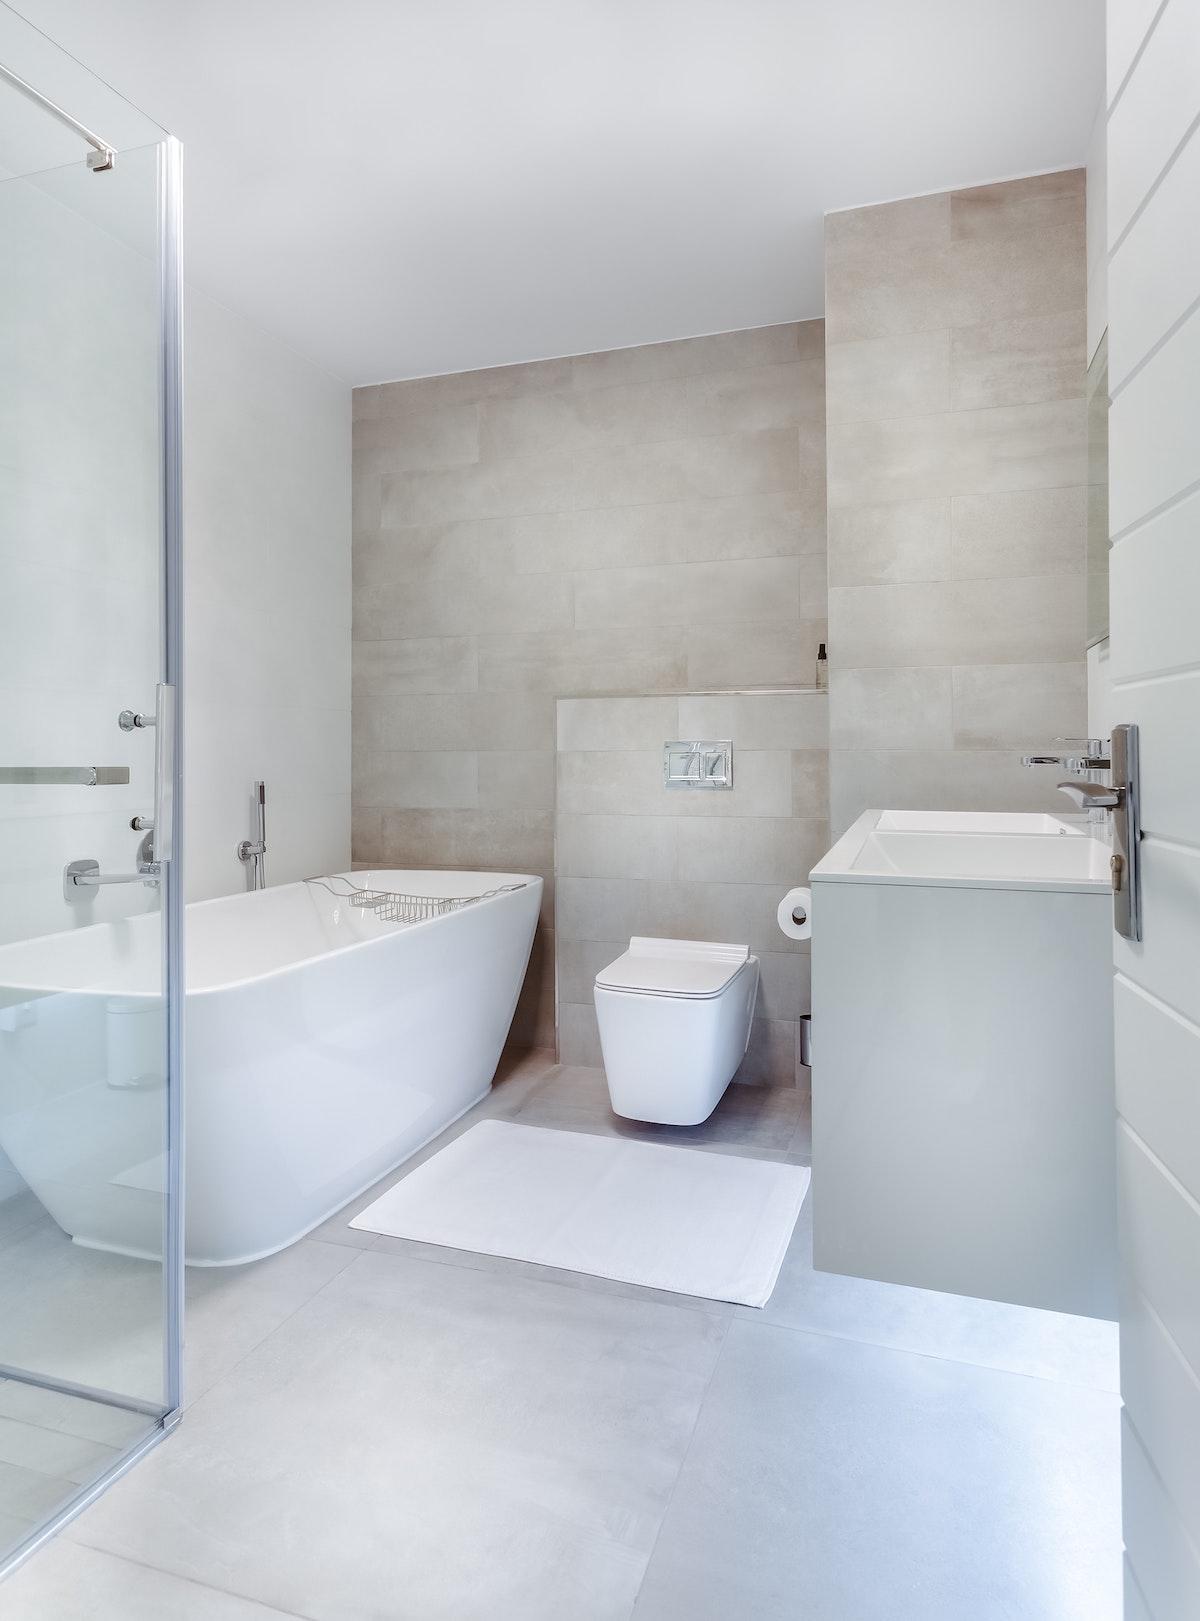 salle de douche carrelage hygge minimaliste effet béton ciré